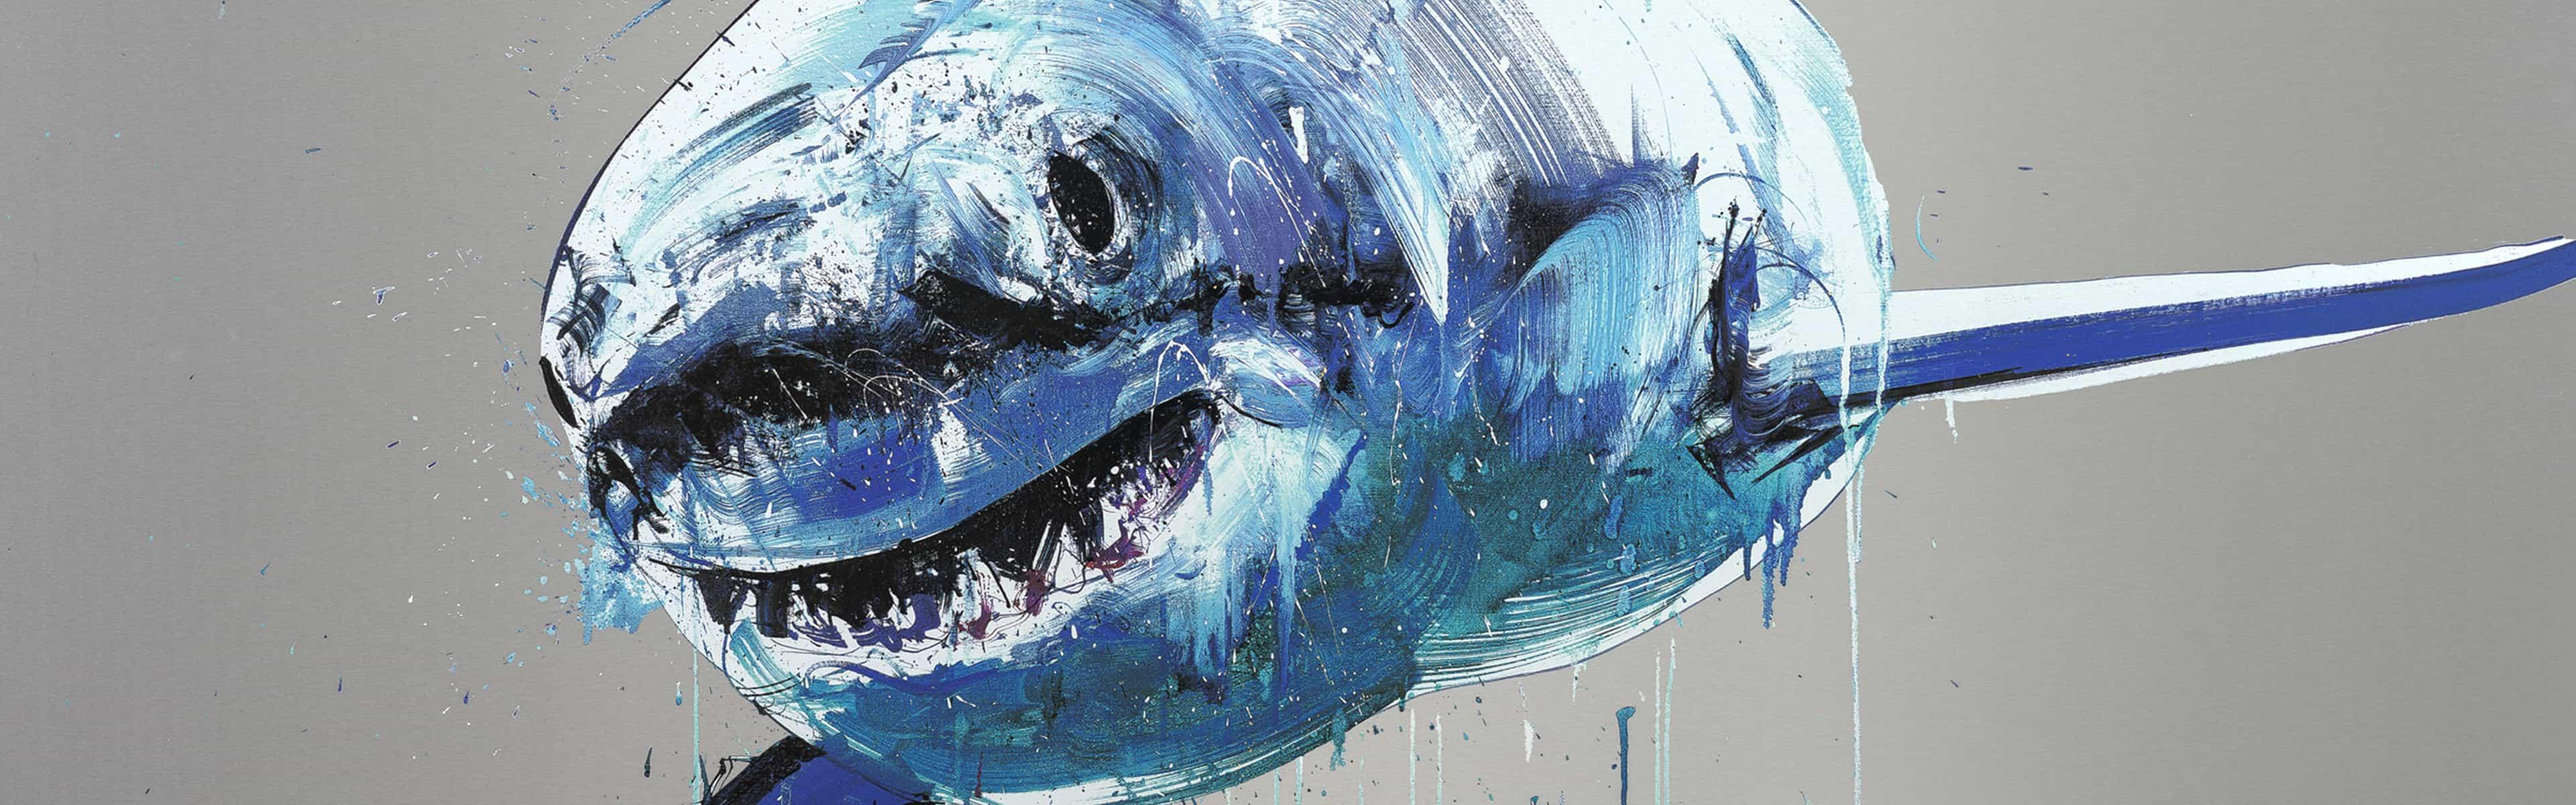 Dave White Artwork